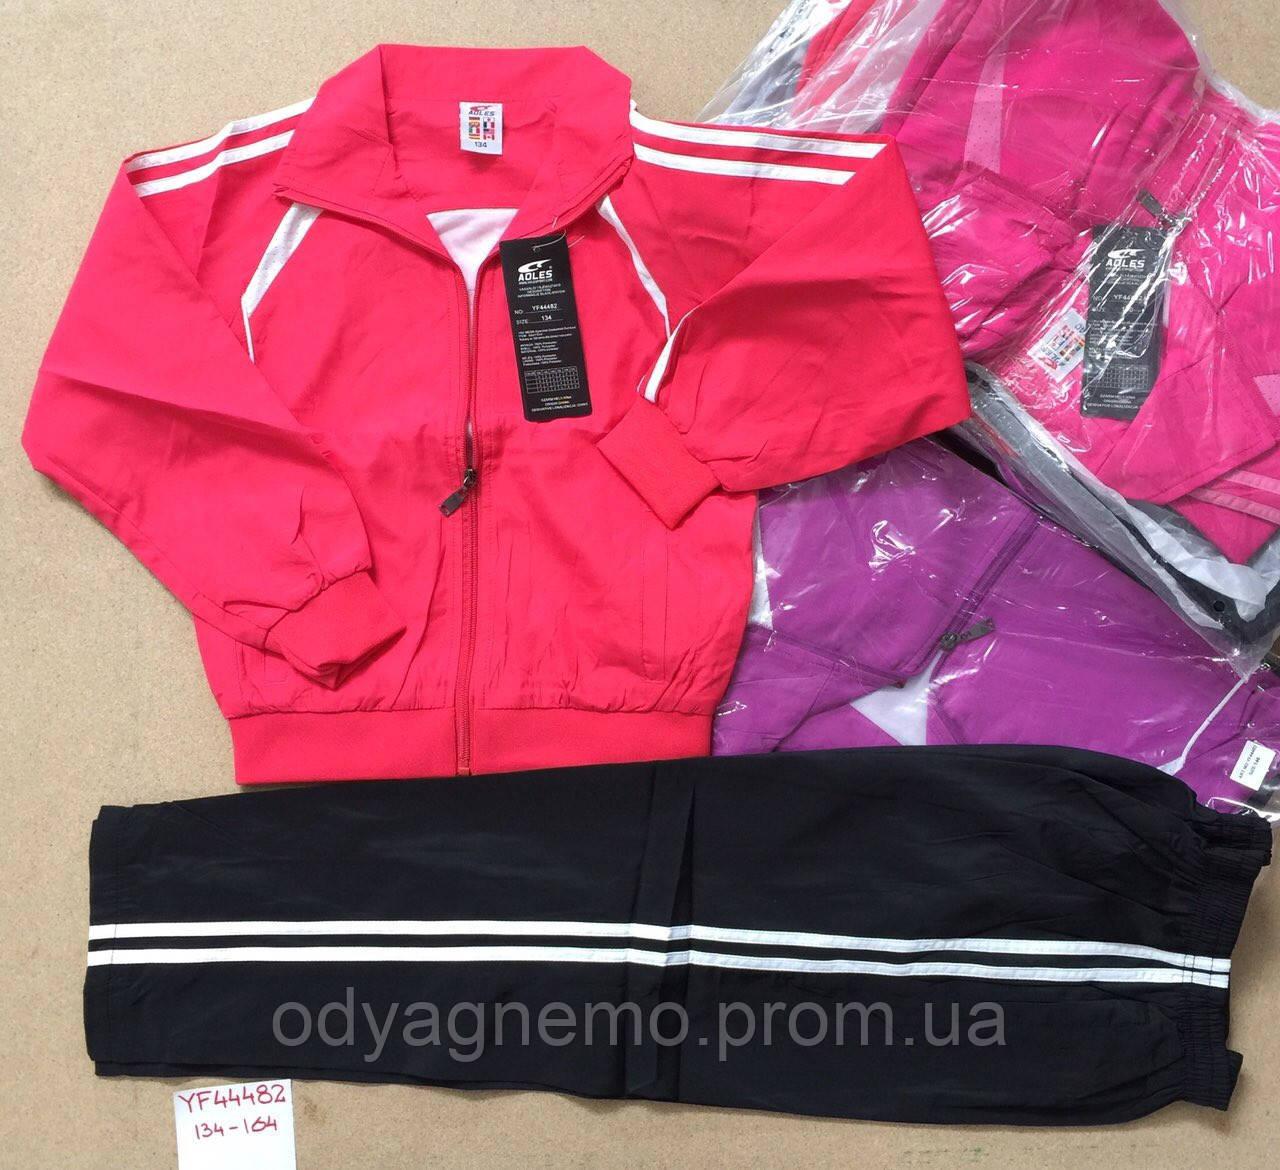 Спортивный костюм - двойка для девочек Aoles оптом, 134-164 pp.